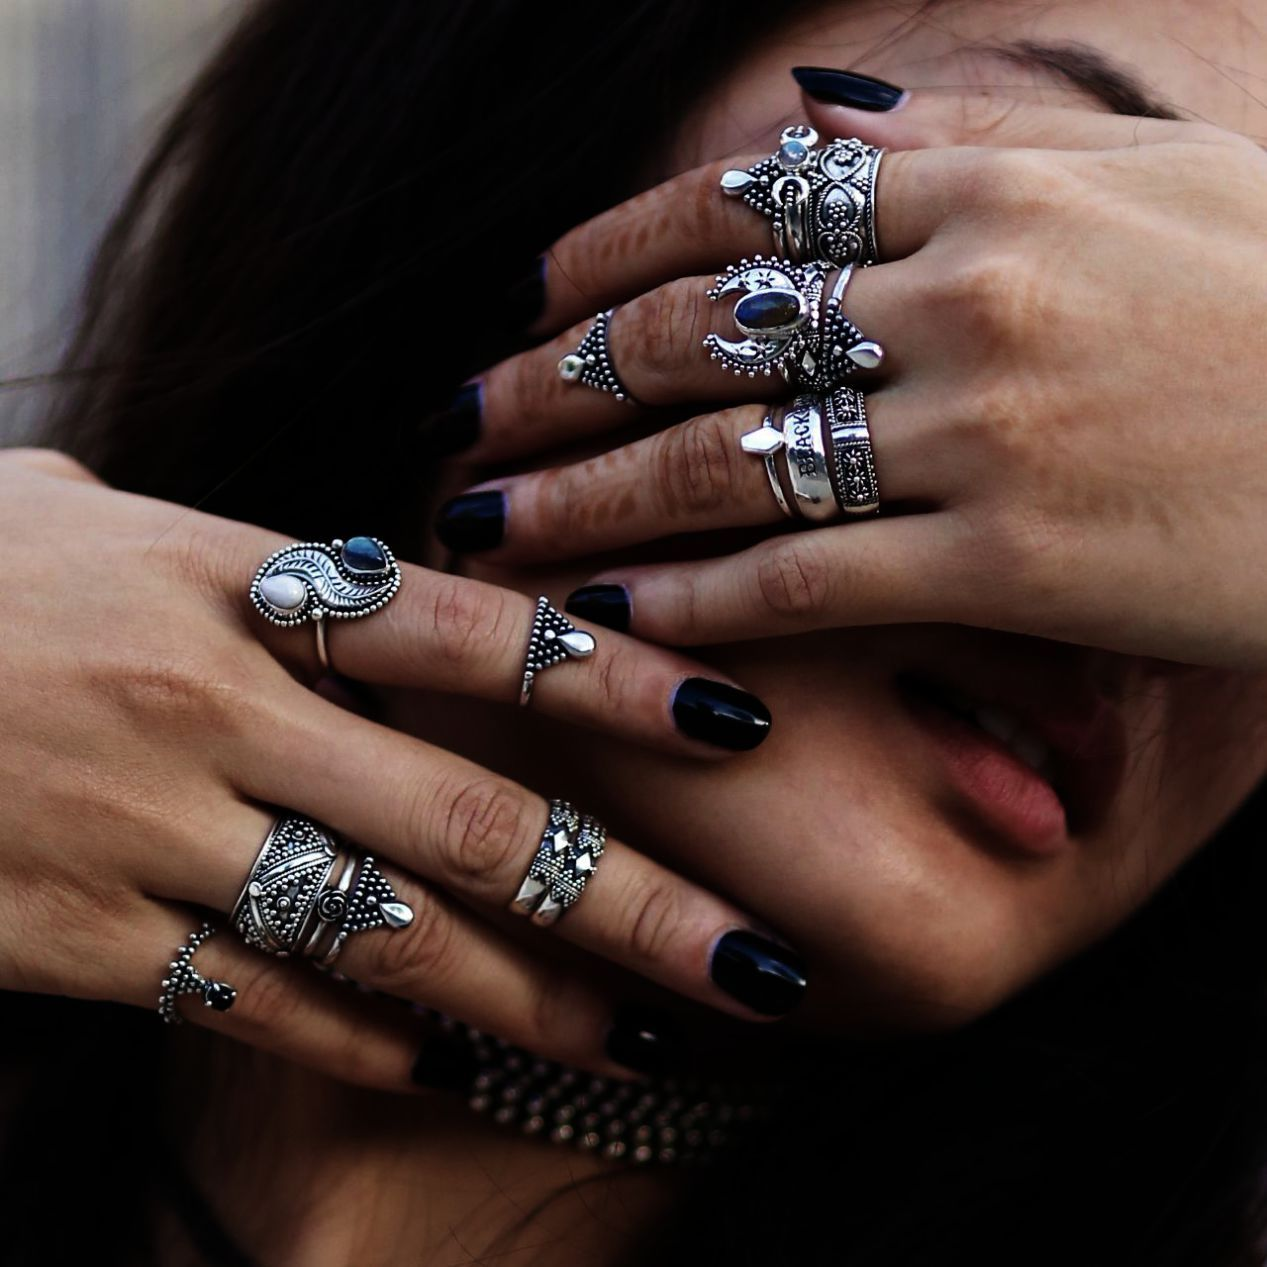 39+ Jeweler that buys jewelry near me ideas